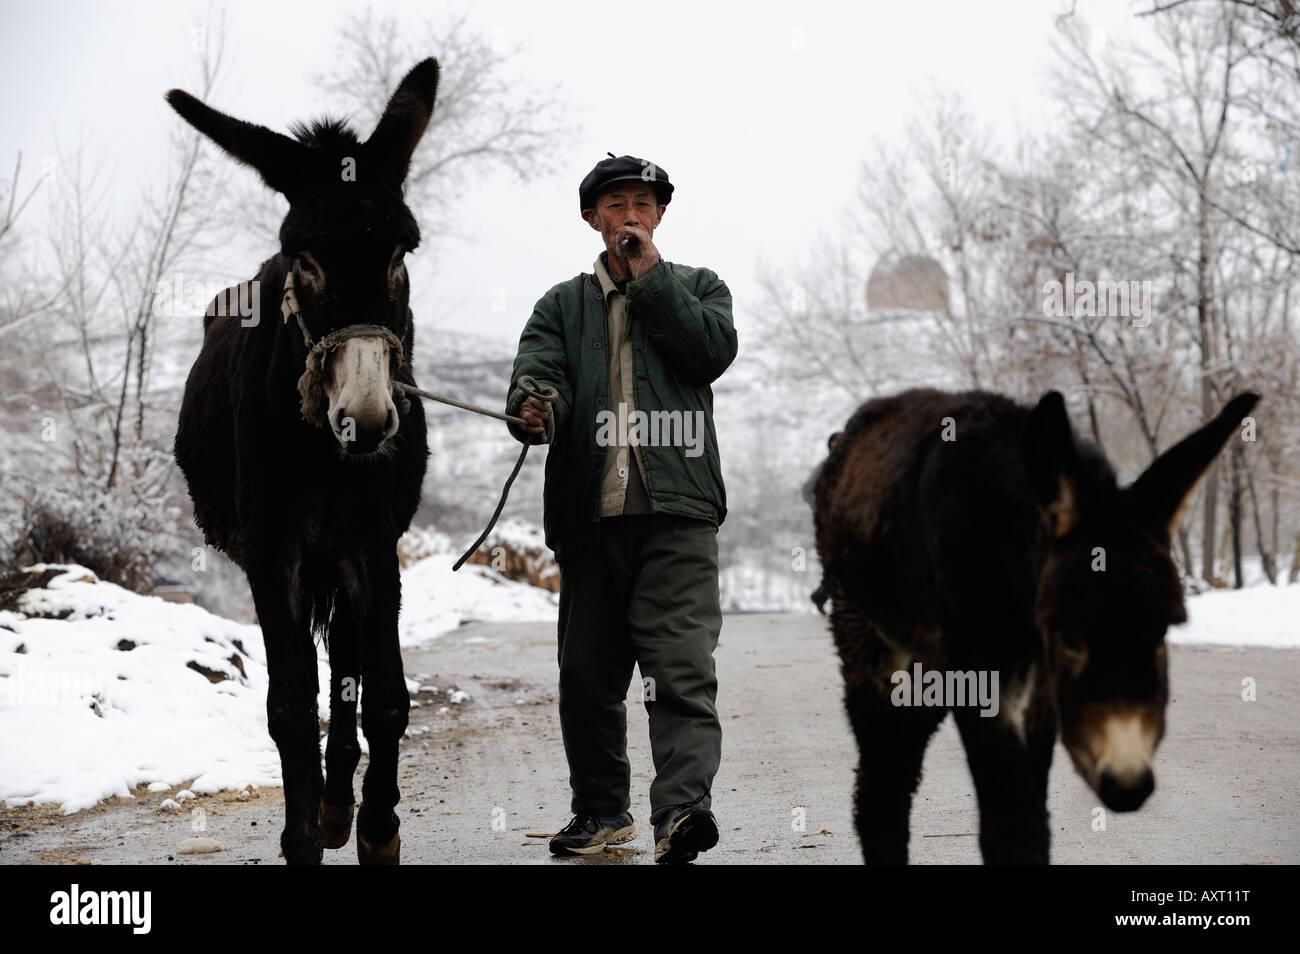 Un agricultor impulsa dos burros en el condado de Chicheng, provincia de Hebei, China. 28-Mar-2008 Imagen De Stock